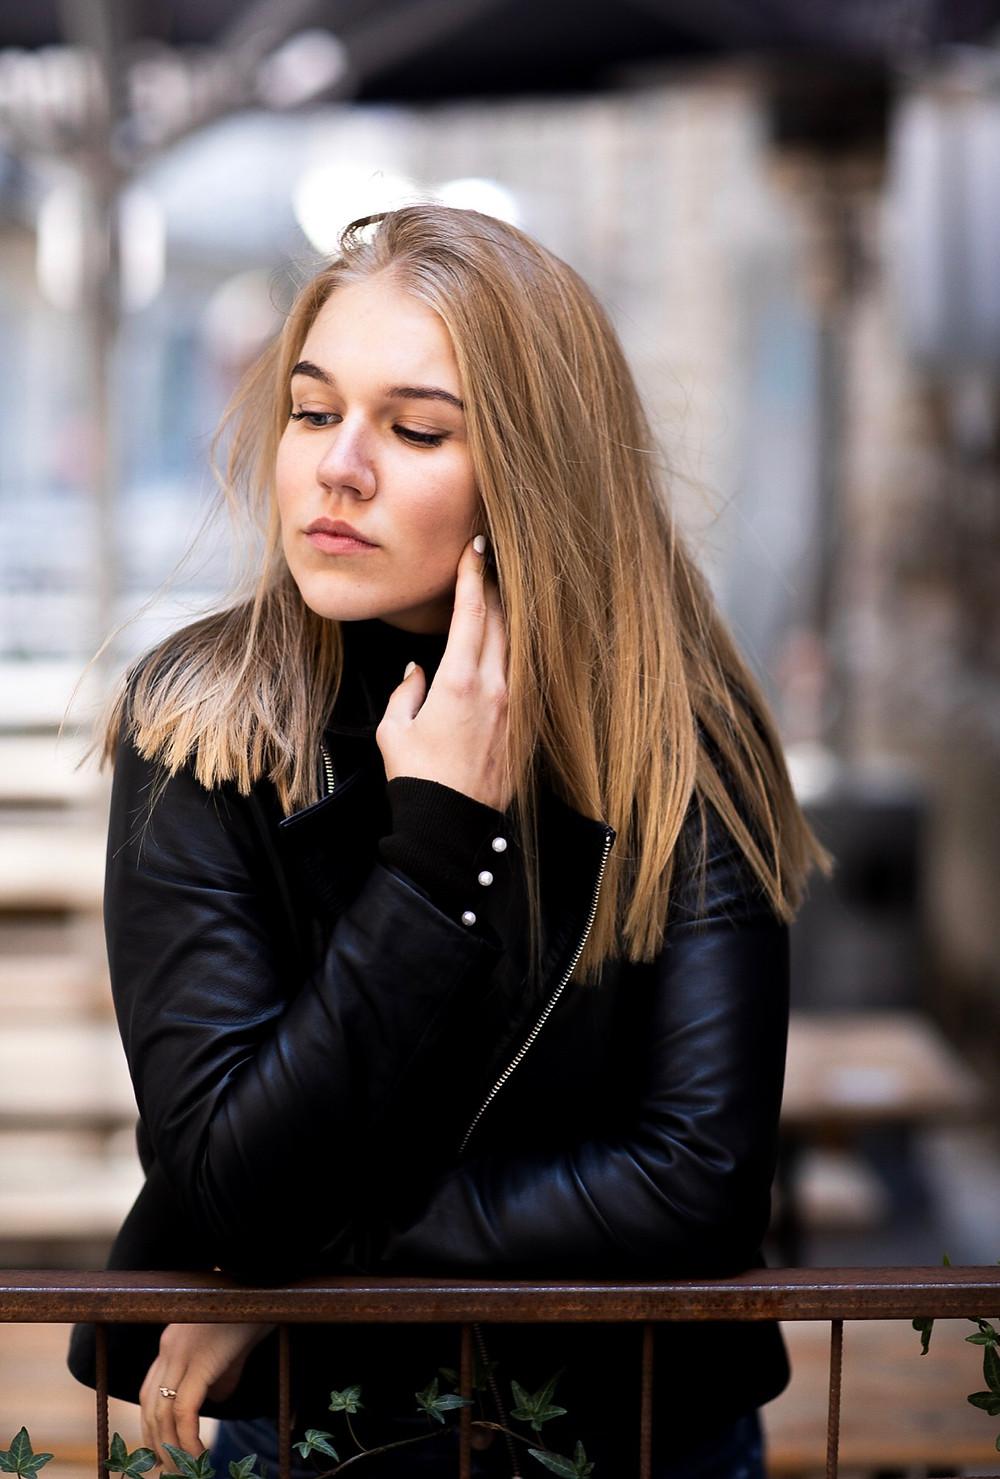 Анастасия Ильницкая, ученица модельной школы eR-Models, в рекламной фотосессии